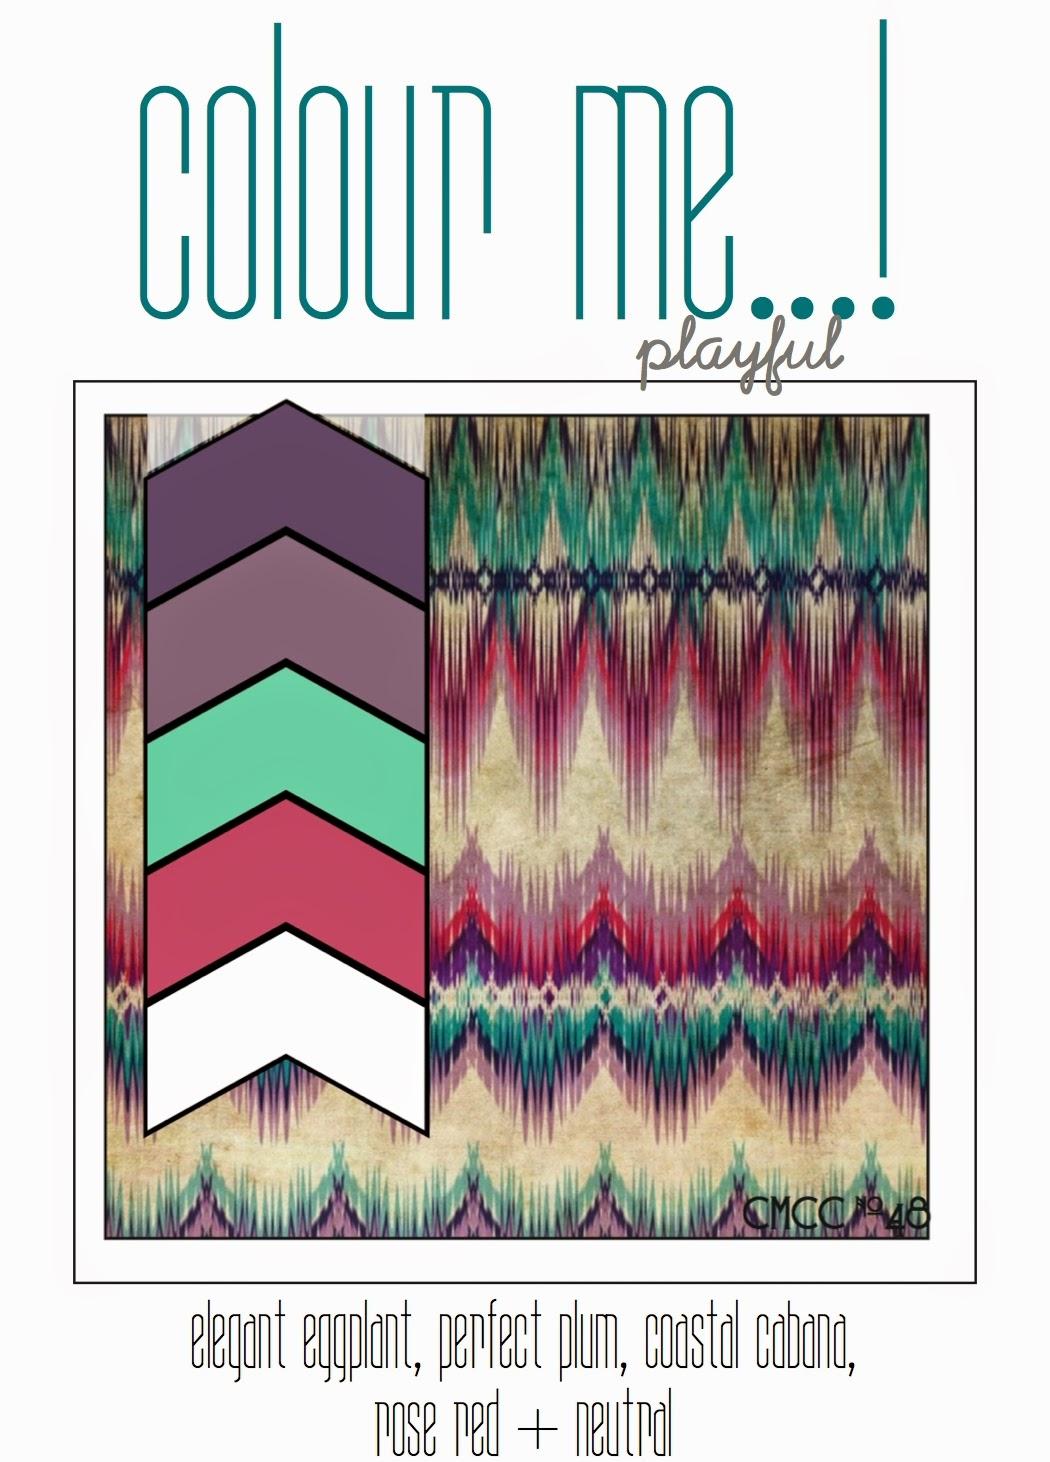 http://colourmecardchallenge.blogspot.com/2014/11/cmcc48-colour-me-playful.html